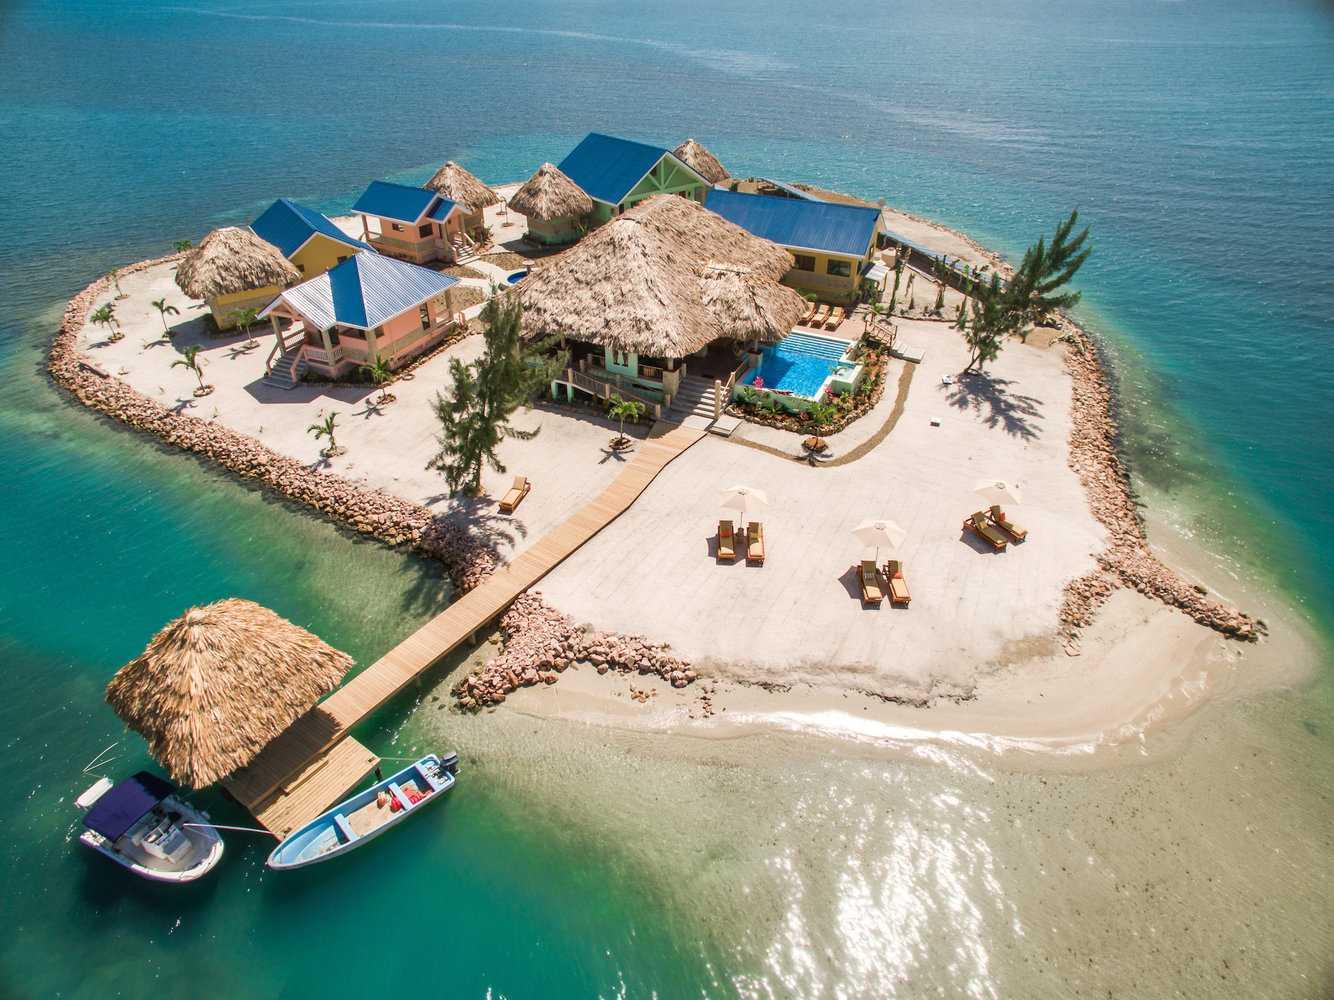 affittare un'isola privata